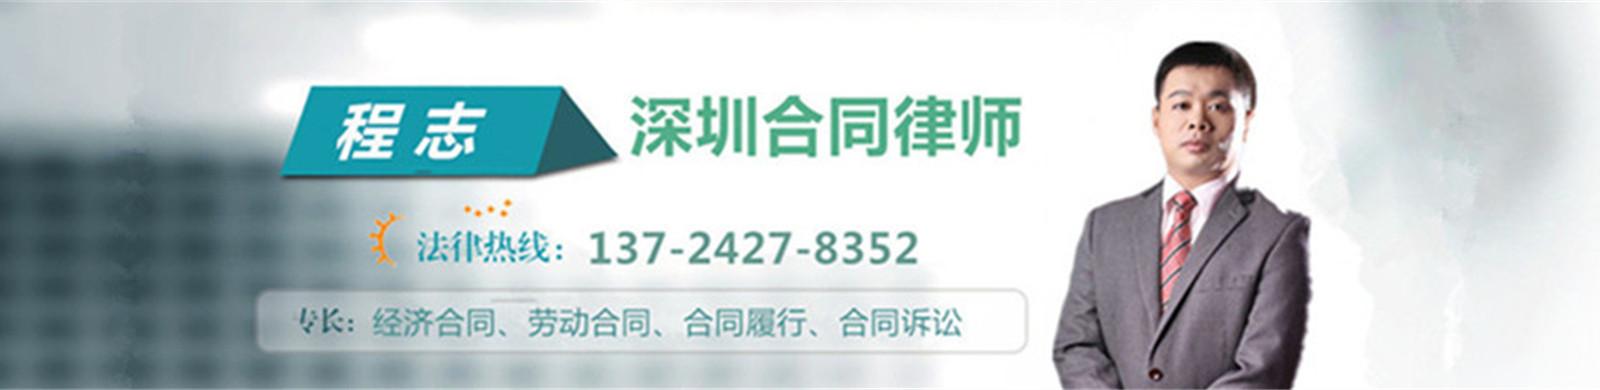 深圳合同律师大图一